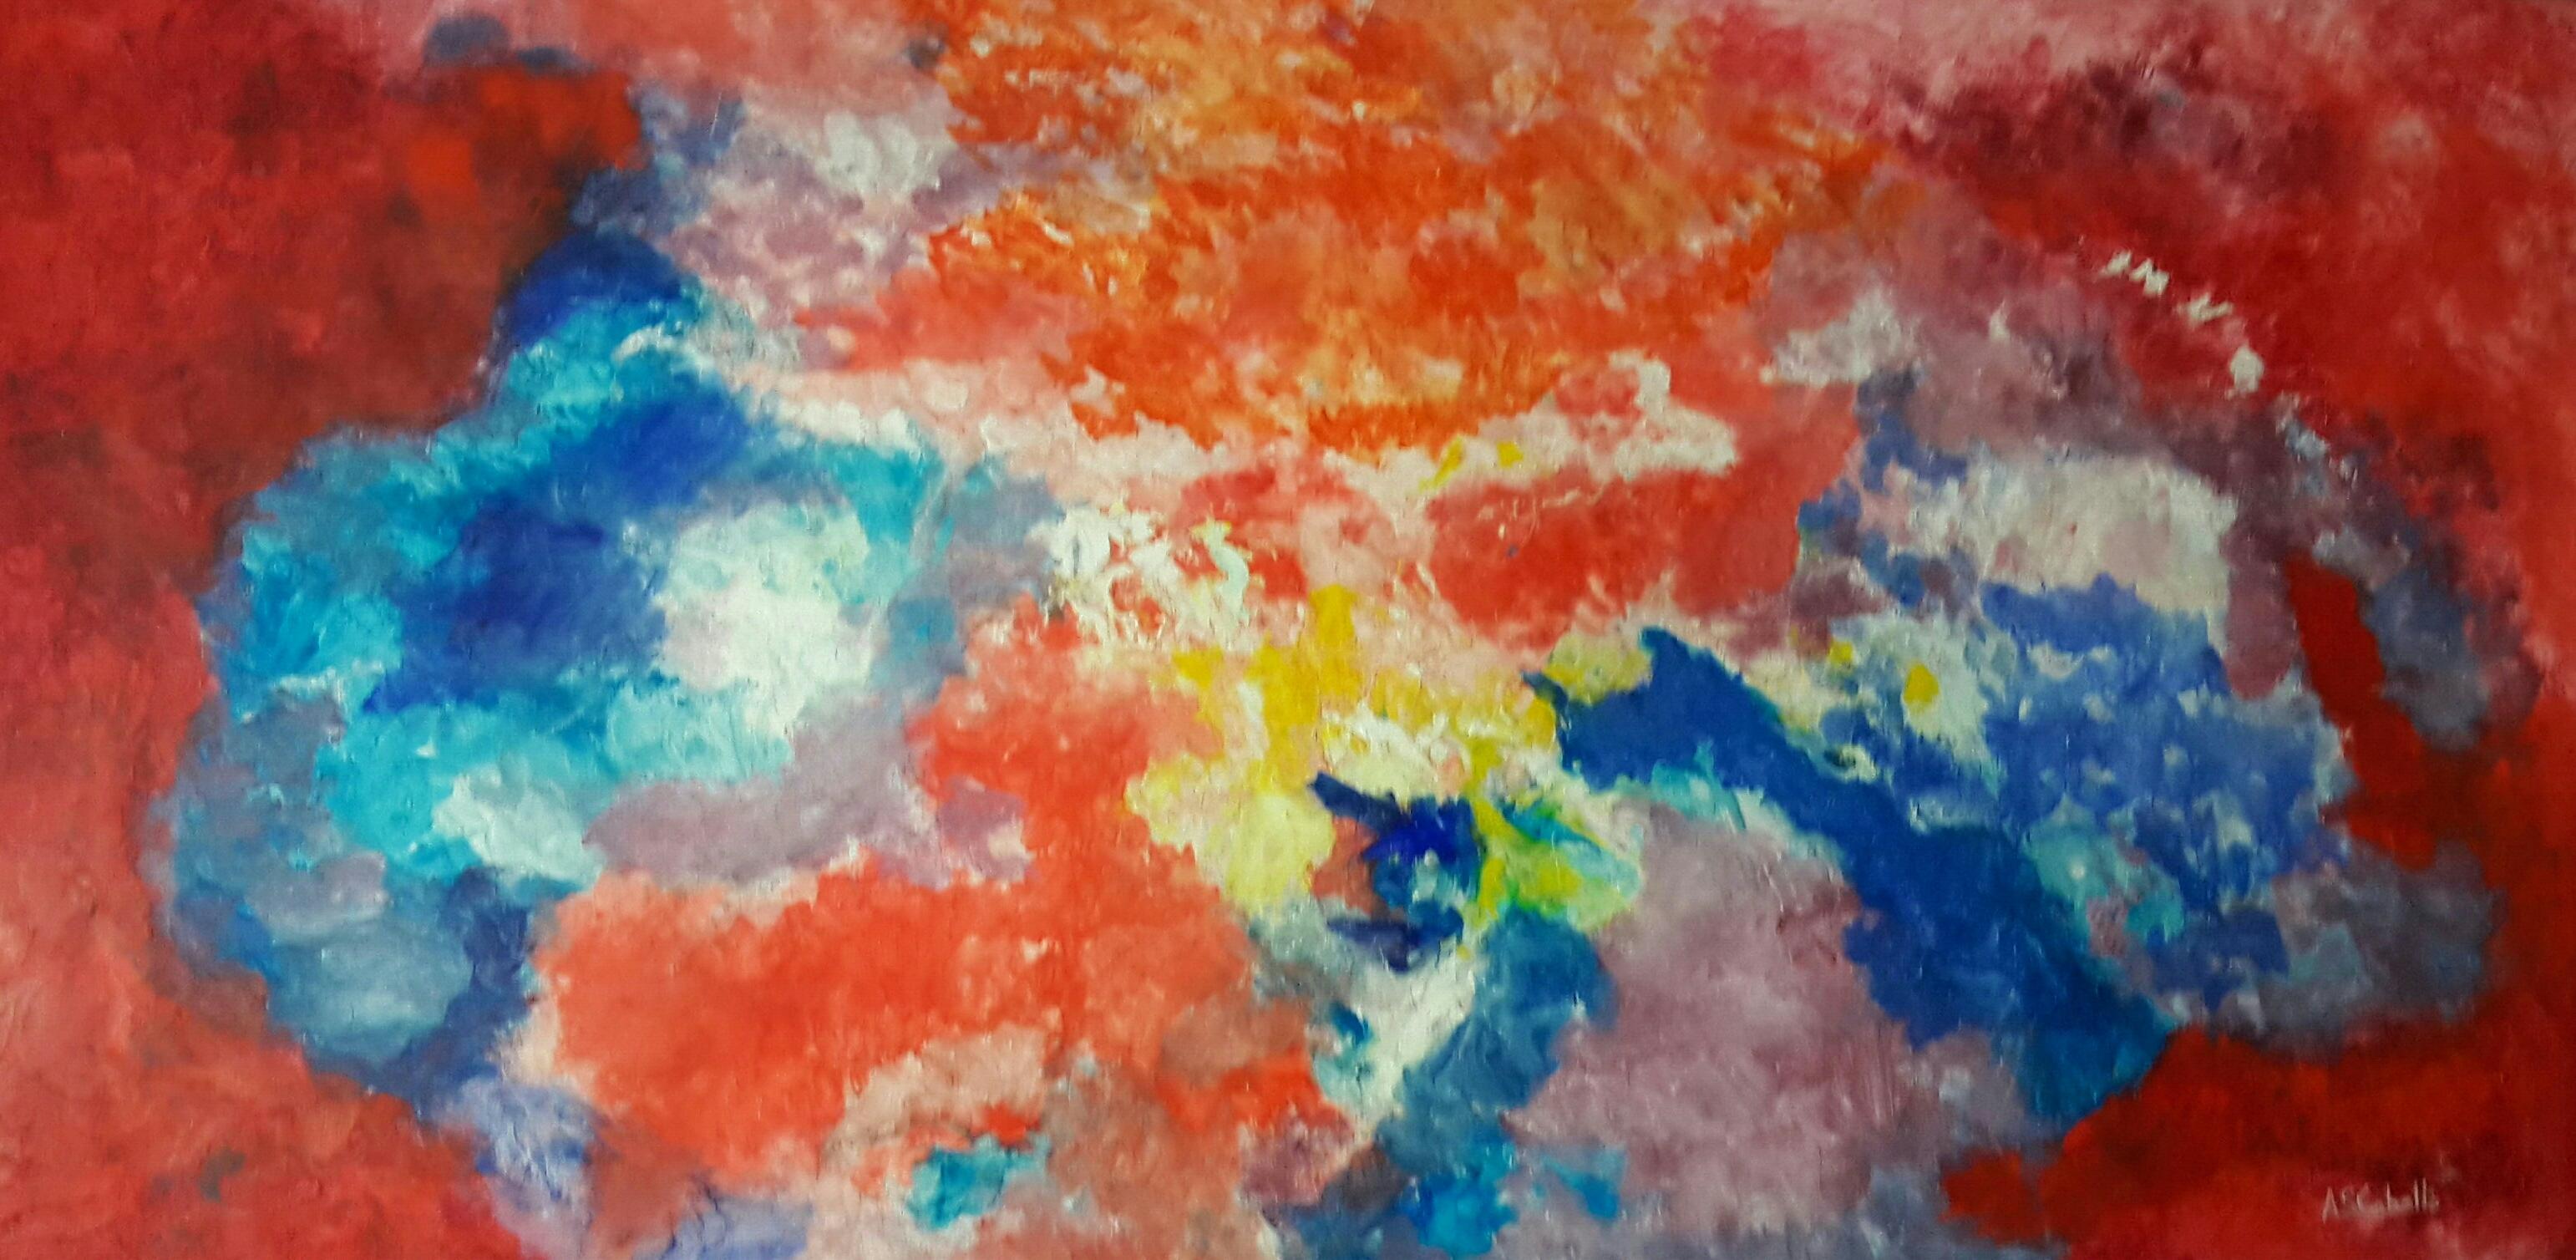 Luz abstracta 2